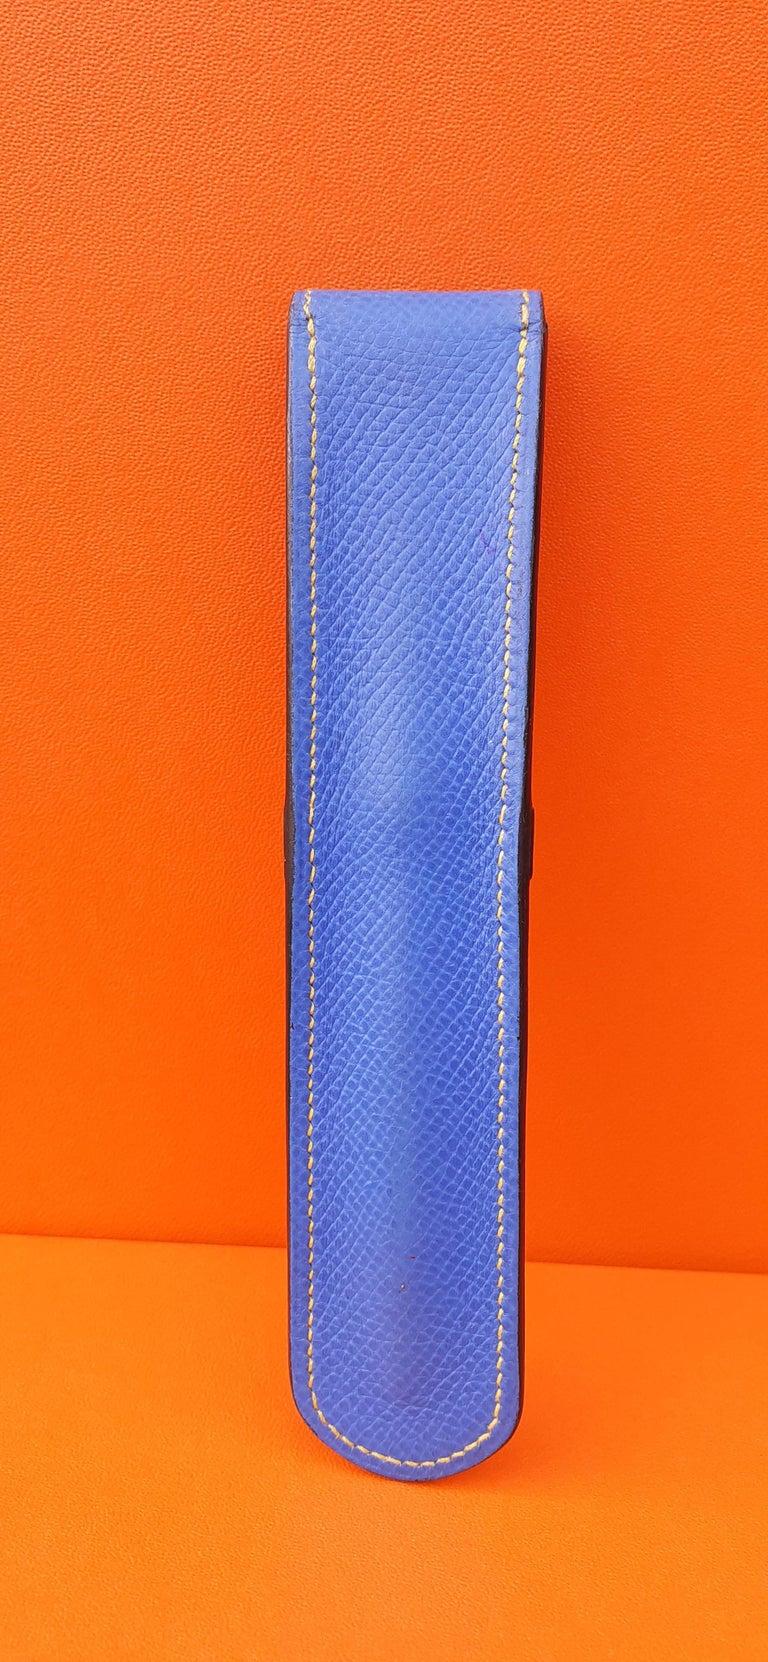 Hermès Vintage Pencil Pen Case Courchevel Leather Blue Yellow RARE For Sale 3